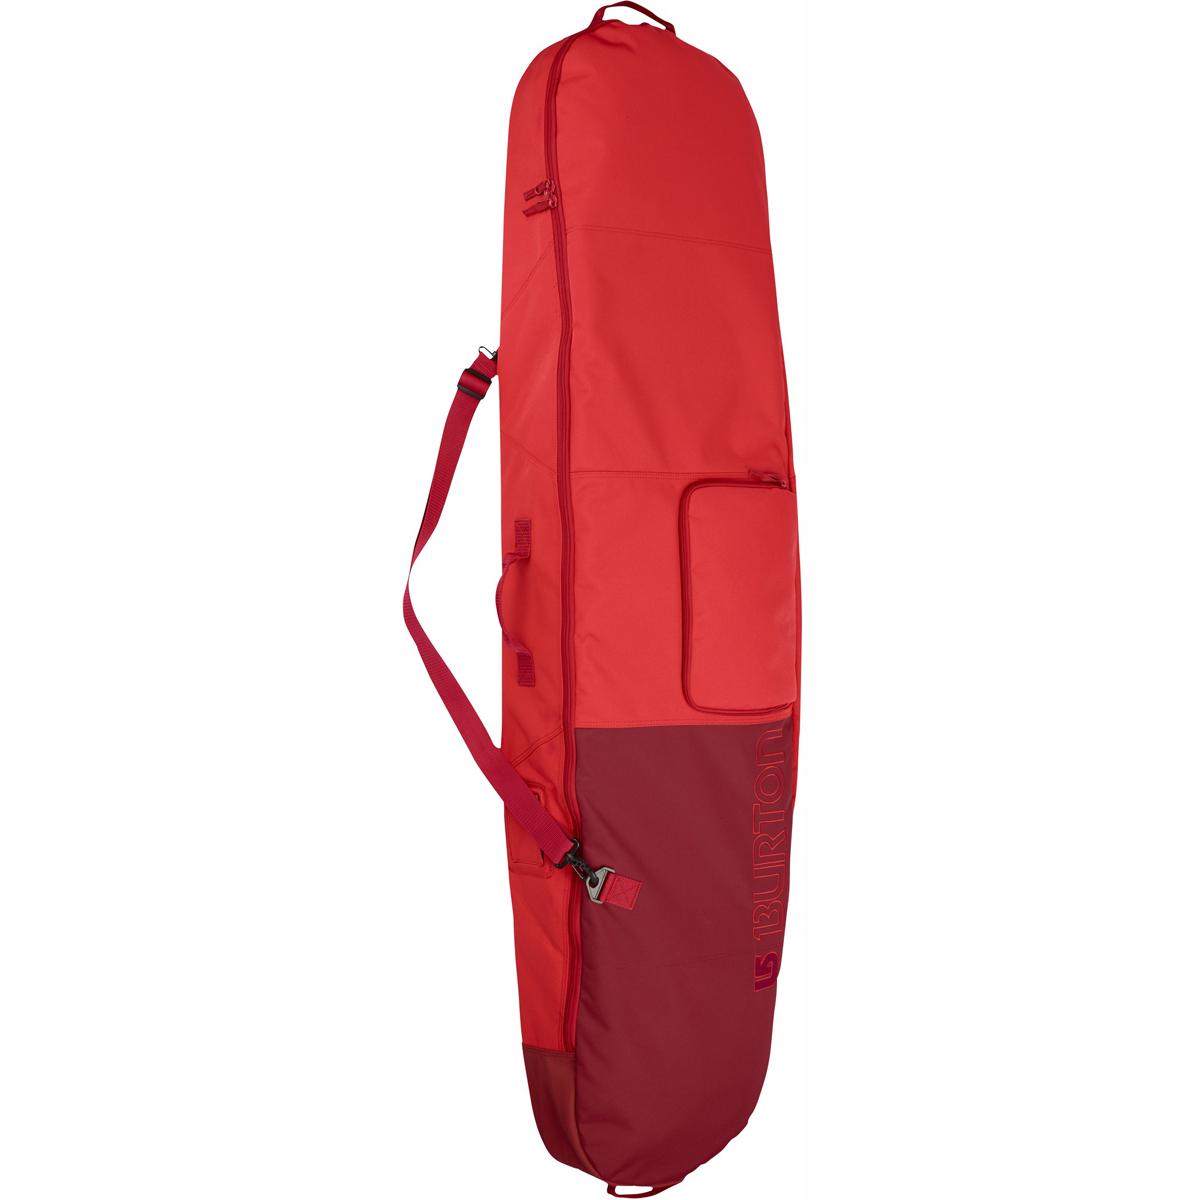 Купить Чехол для сноуборда BURTON BOARD SACK 146 REAL RED TARP Чехлы 1151414